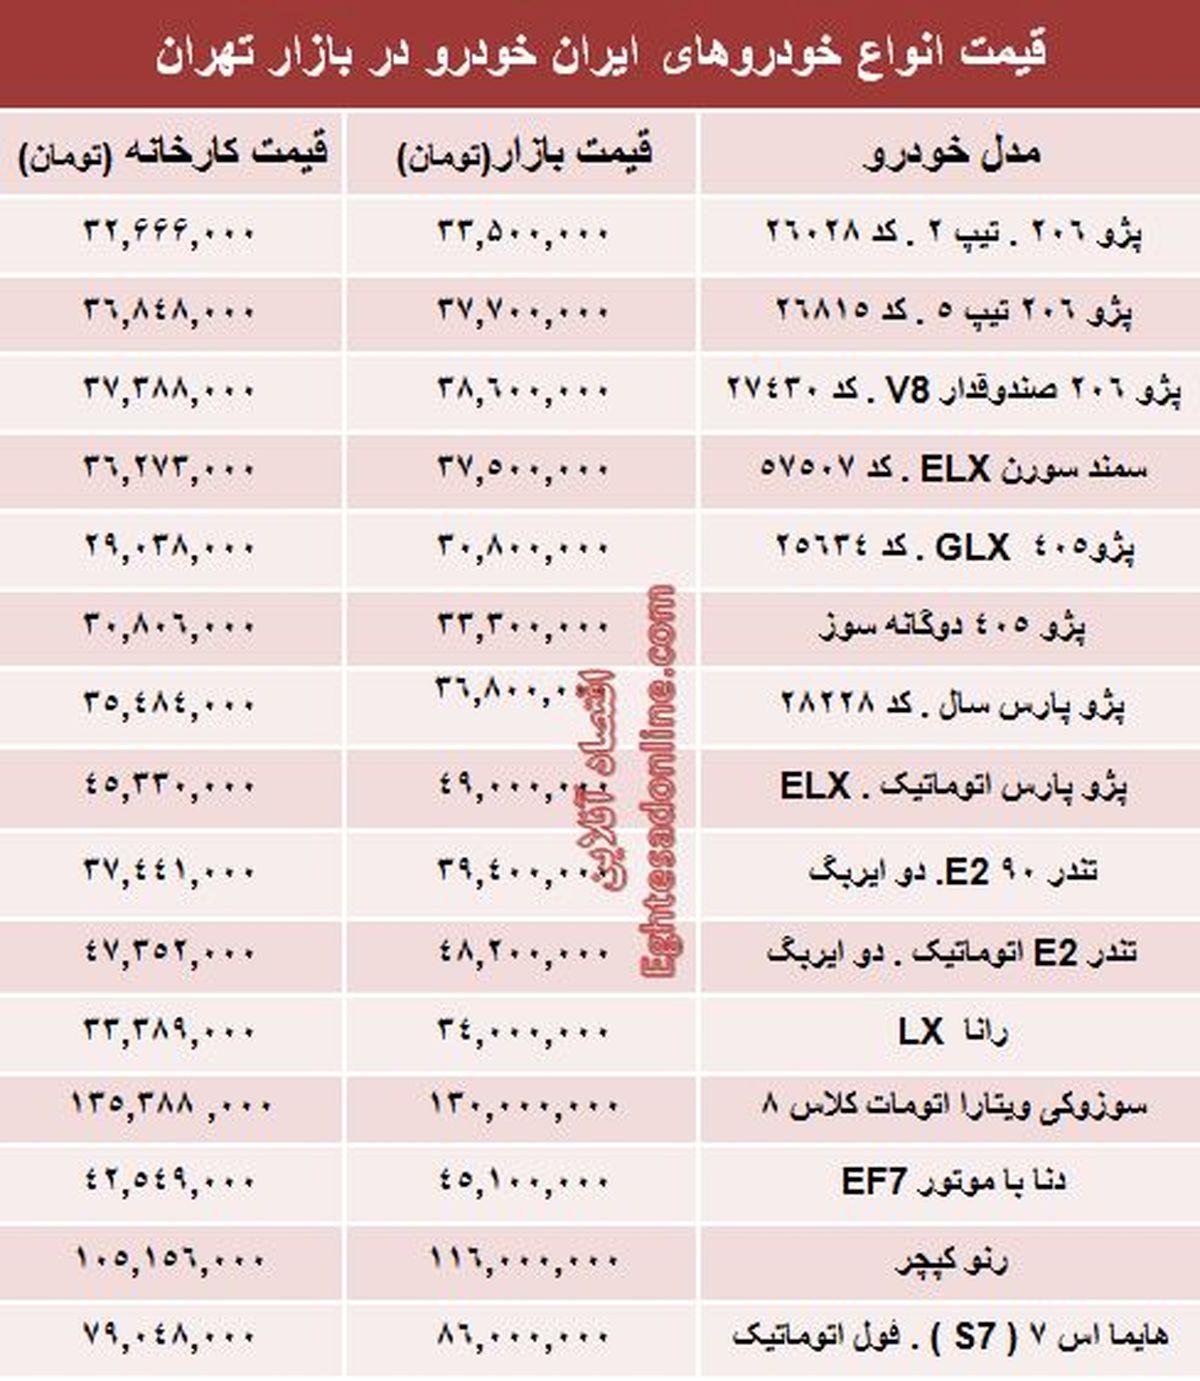 قیمت محصولات ایران خودرو از کارخانه تا بازار +جدول